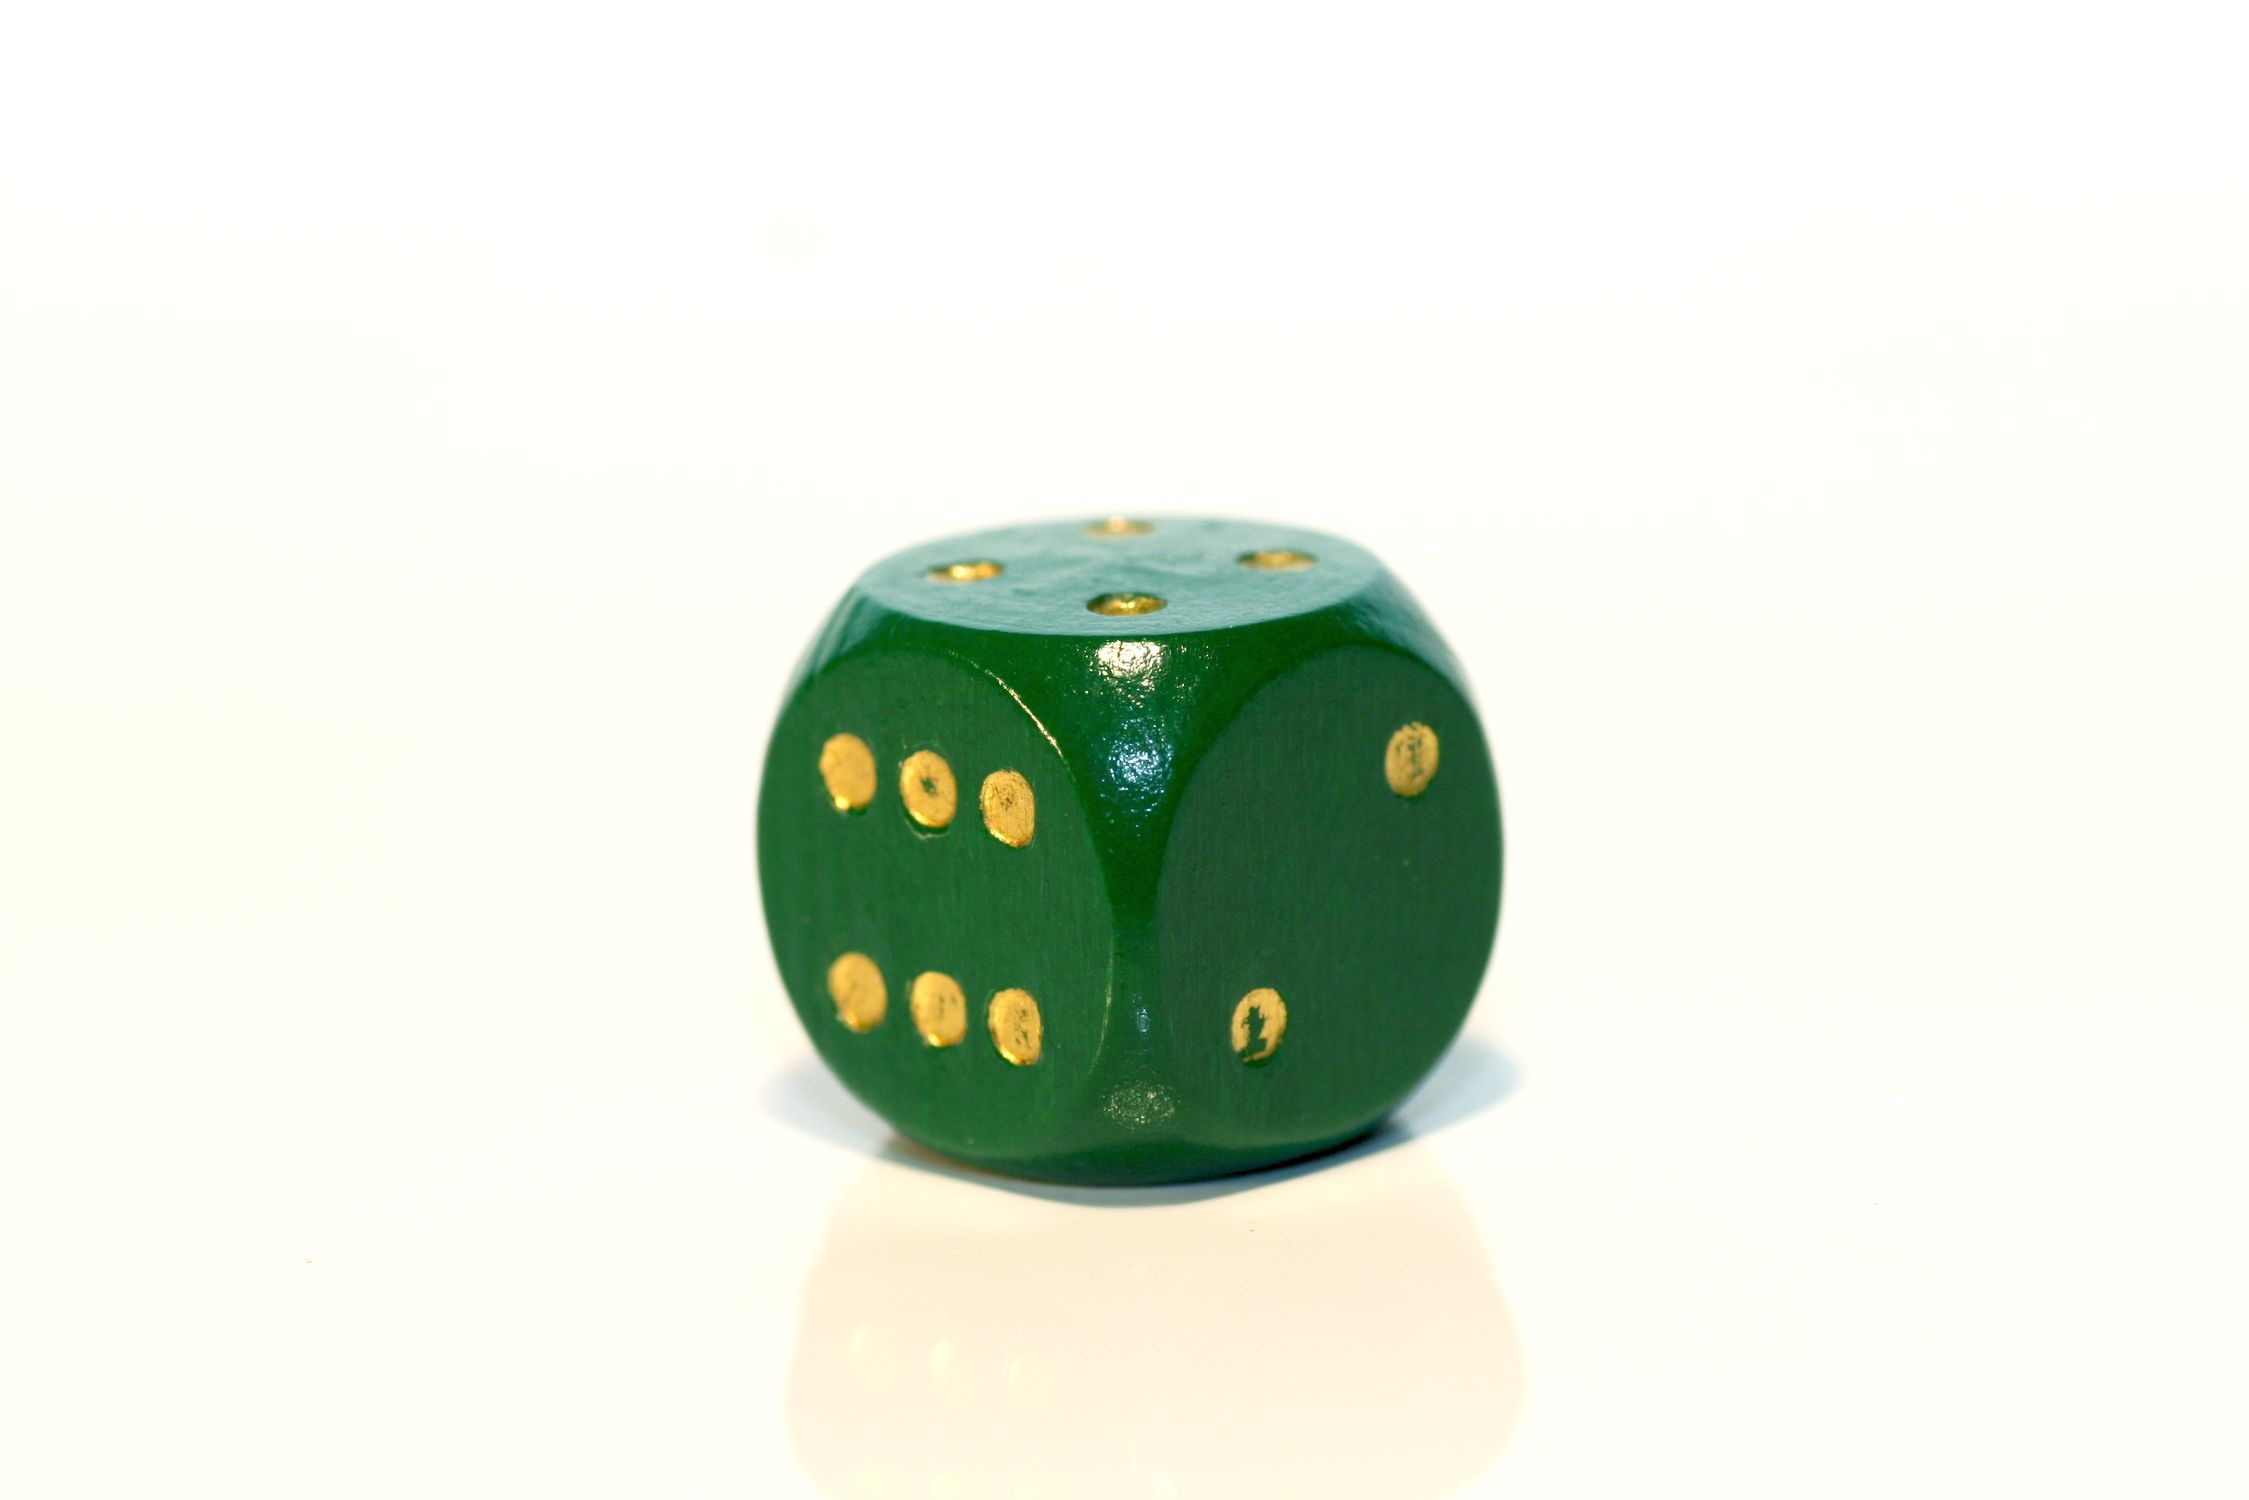 Bild mit Farben, Gegenstände, Grün, Haushalt, Spiele und Spielzeuge, Möbel, Tische